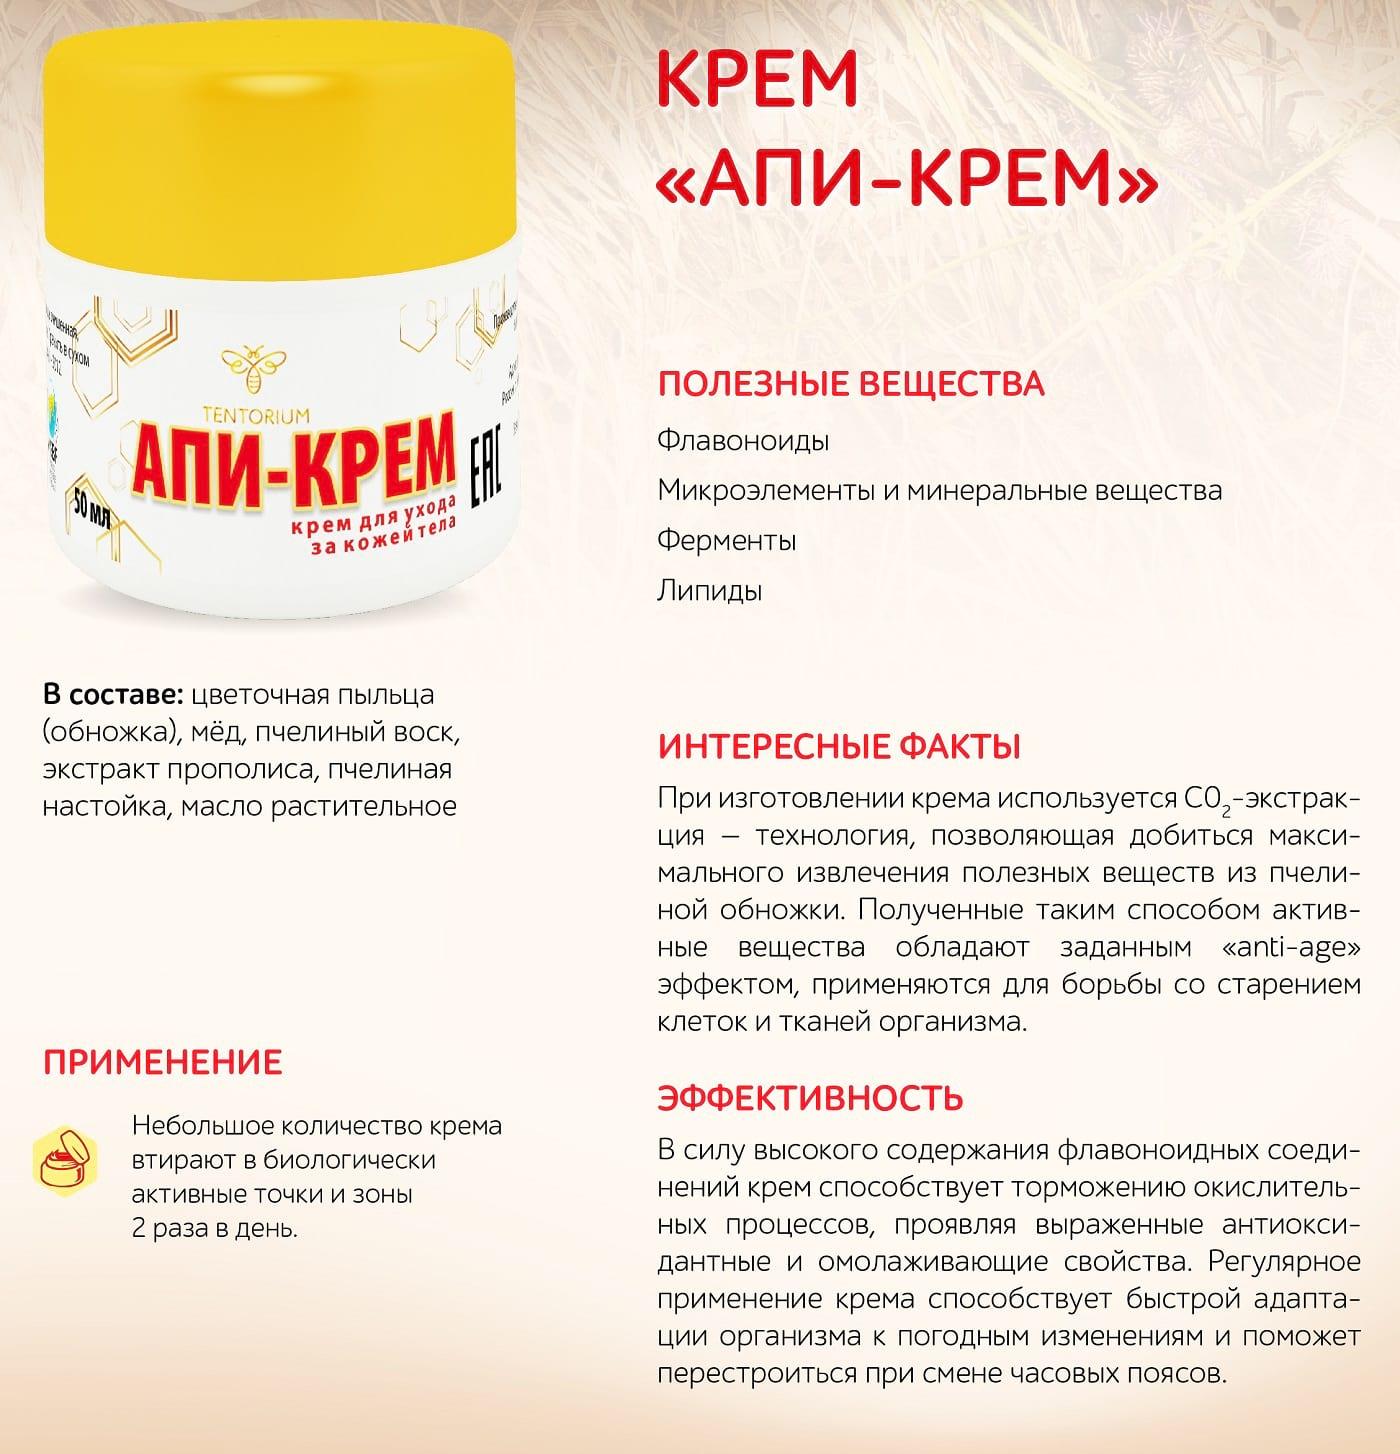 Апи-Крем Тенториум